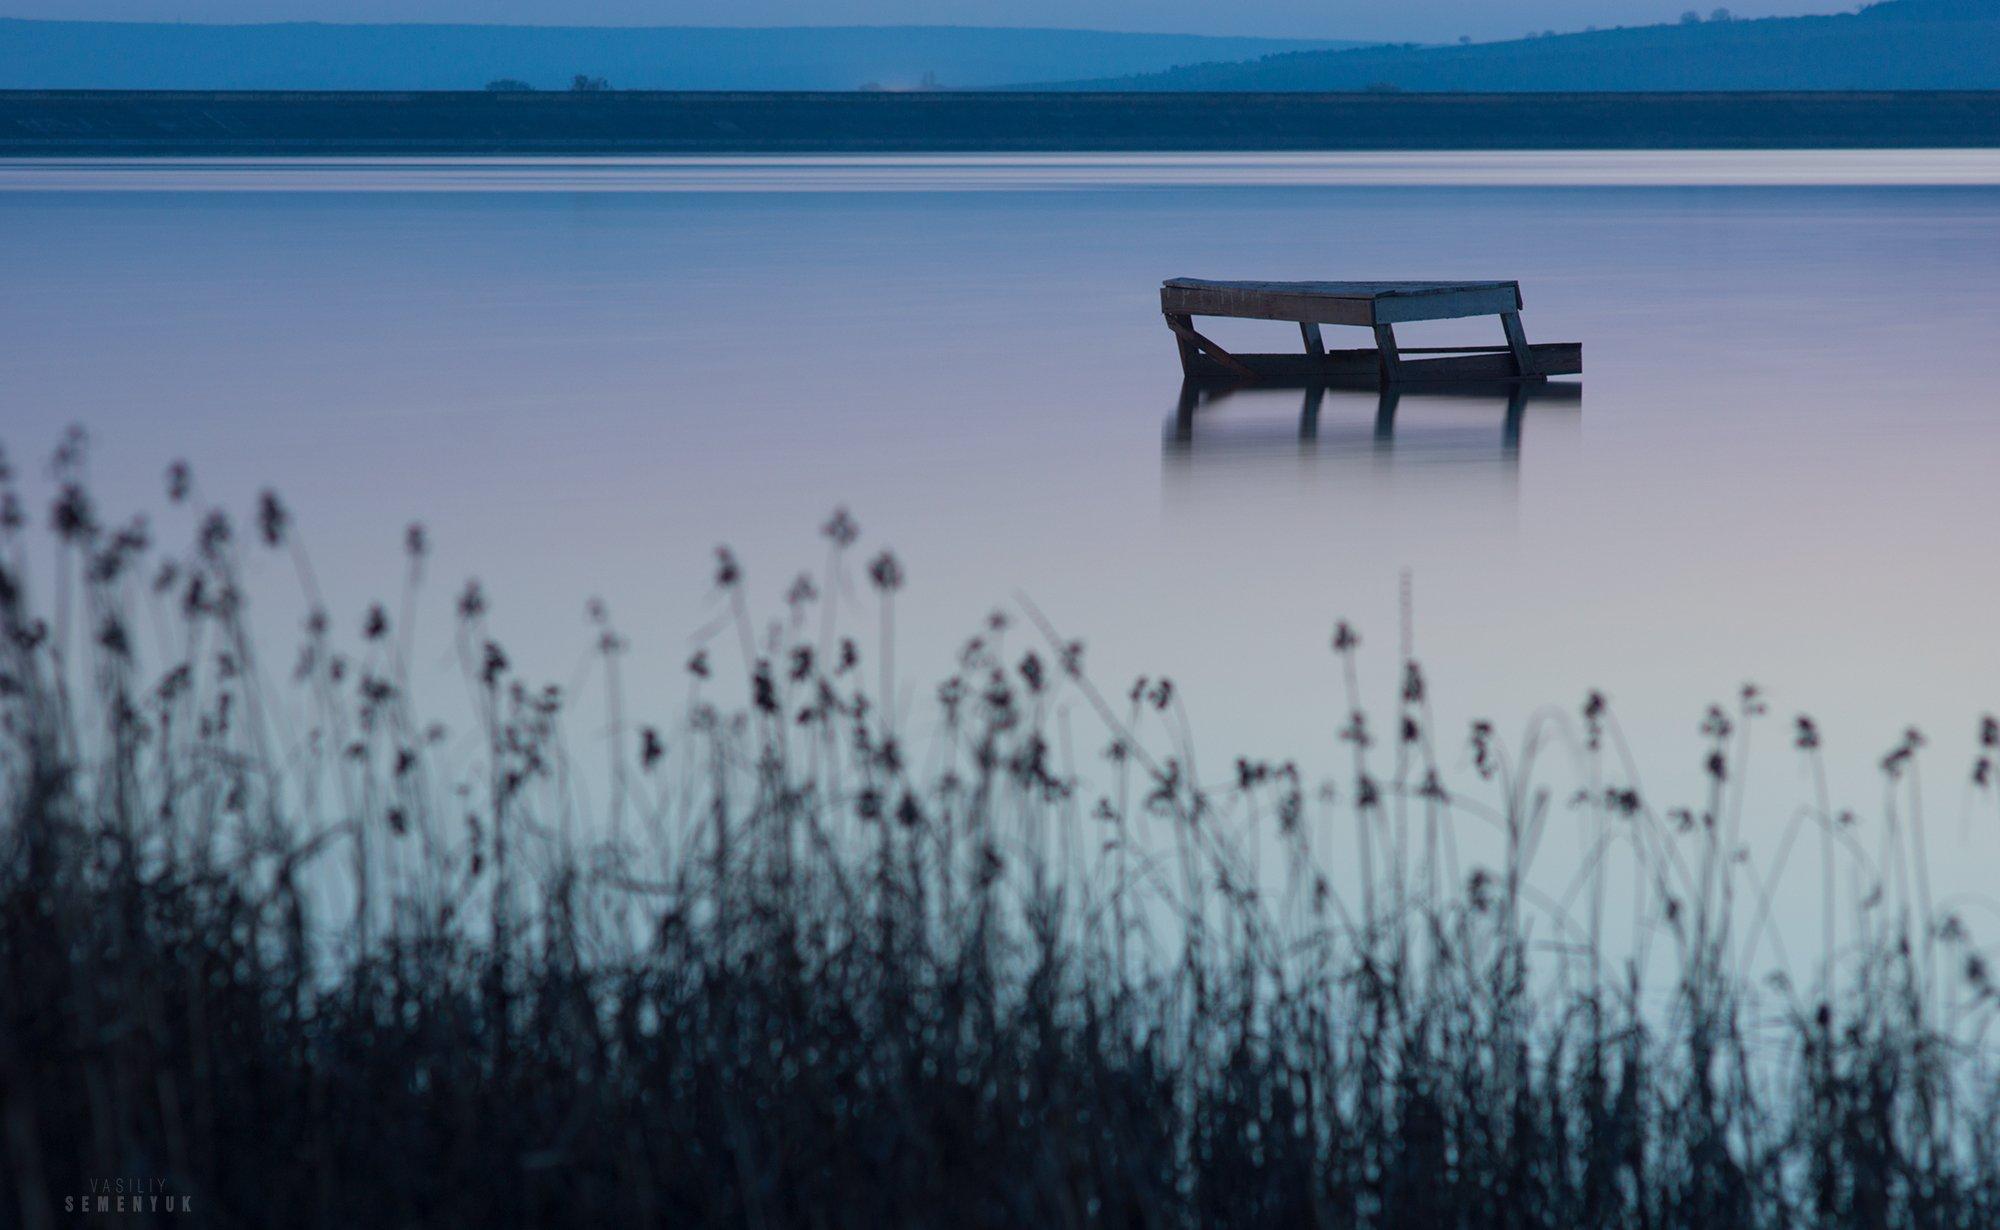 крым, озеро, длинная выдержка, скамейка, камыш, спокойствие, закат, настроение., Семенюк Василий